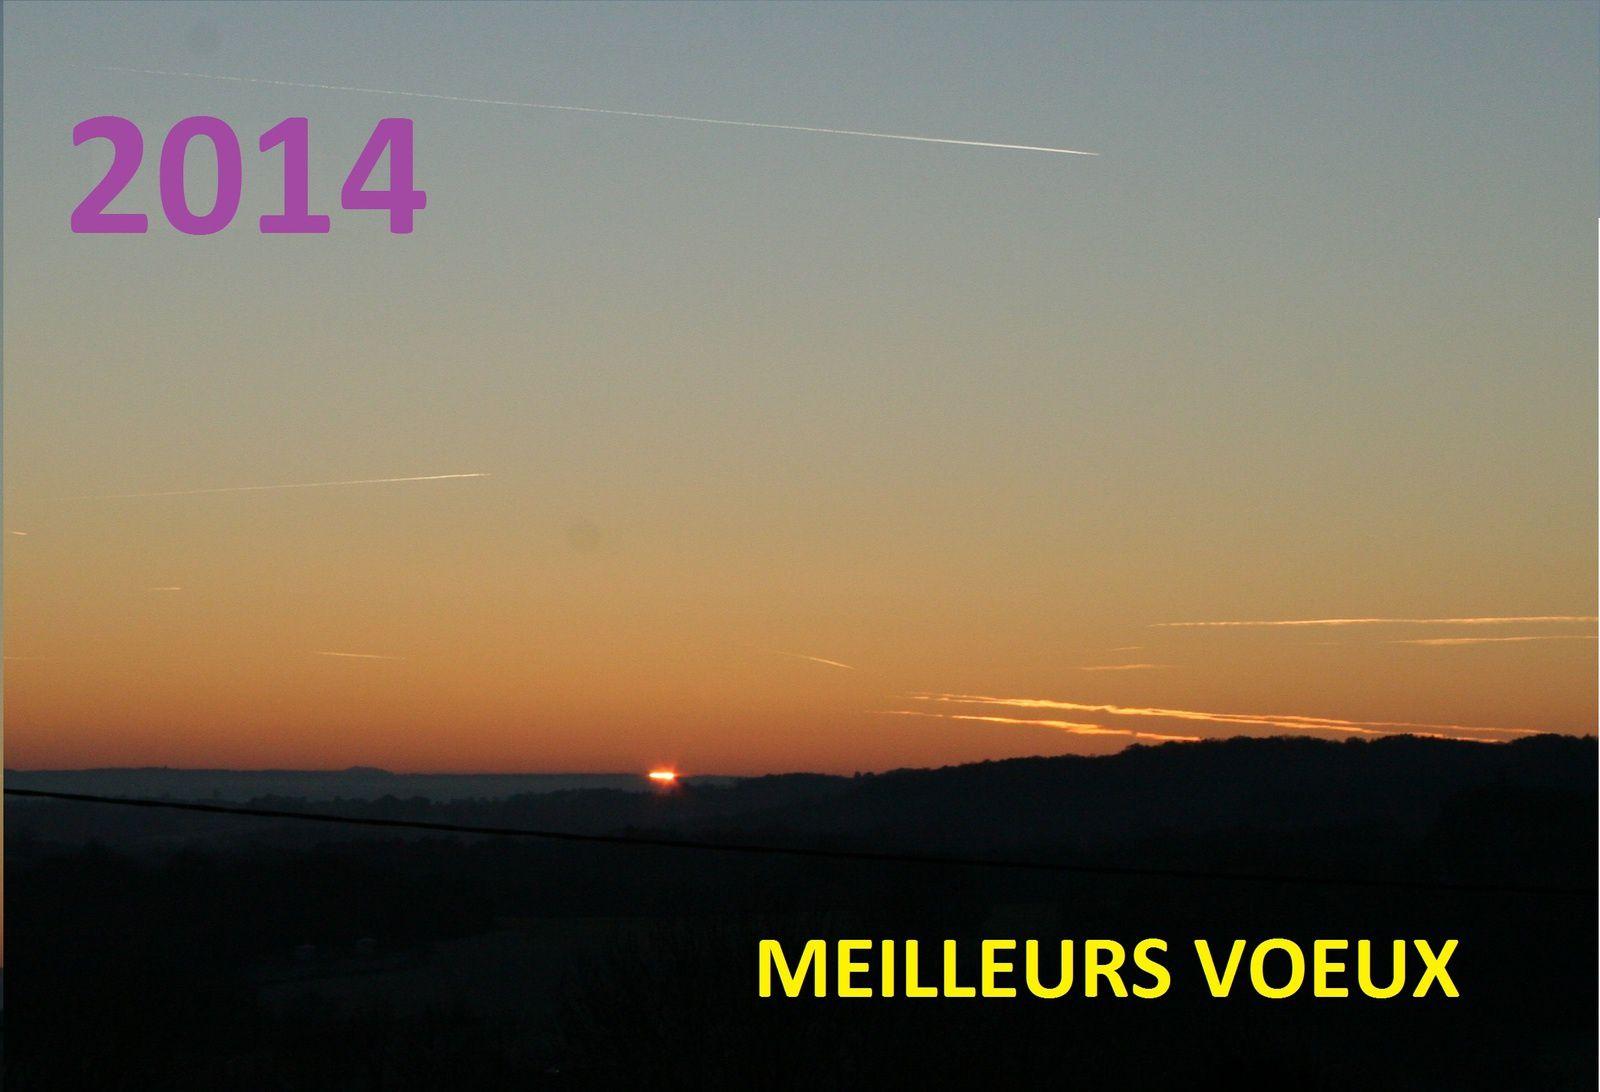 A L'AUBE DE 2014